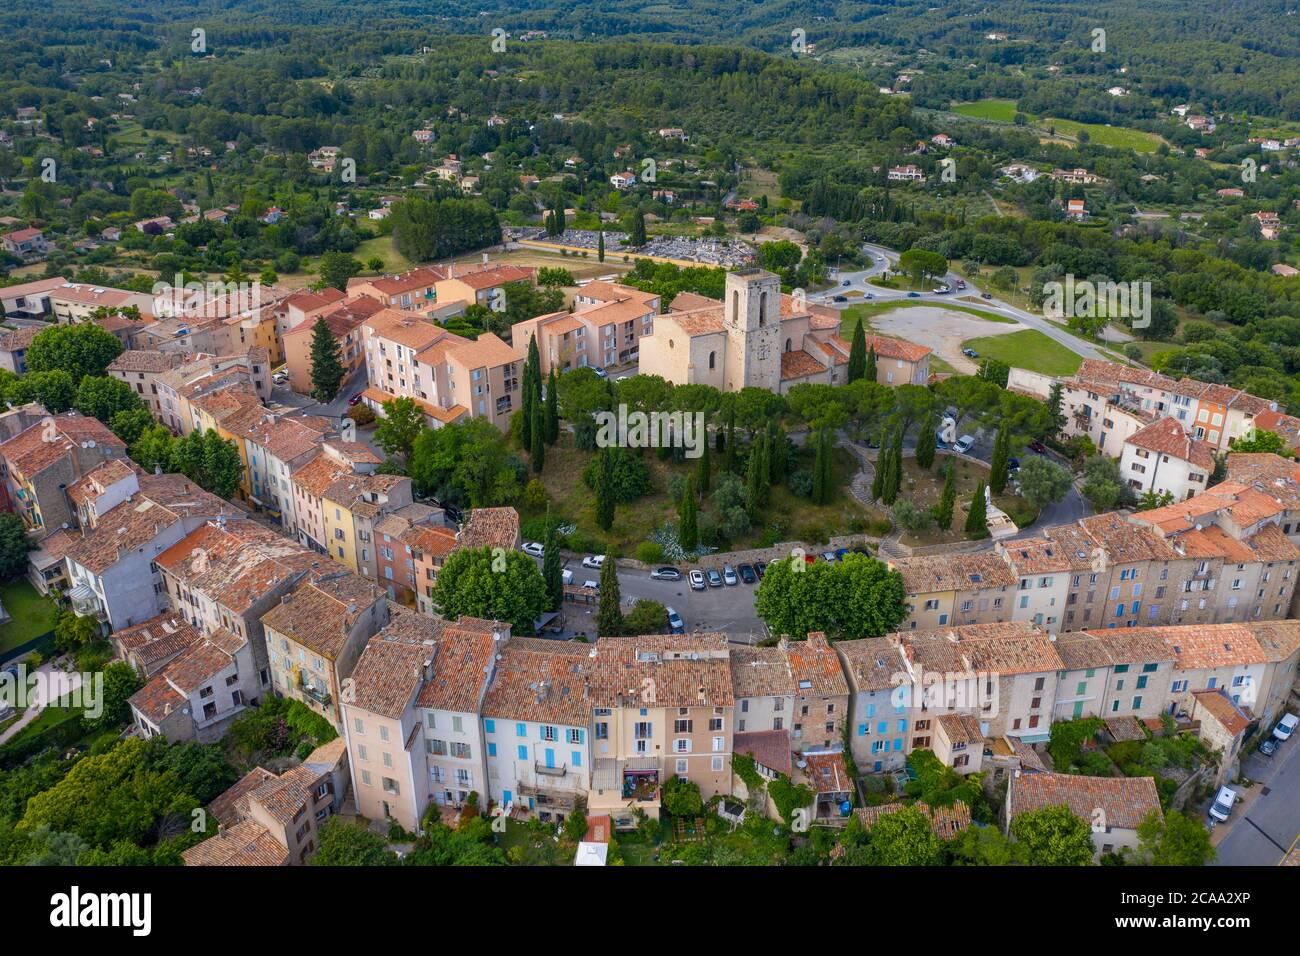 Francia, veduta aerea di Flayosc, un tipico villaggio francese in Provenza Foto Stock